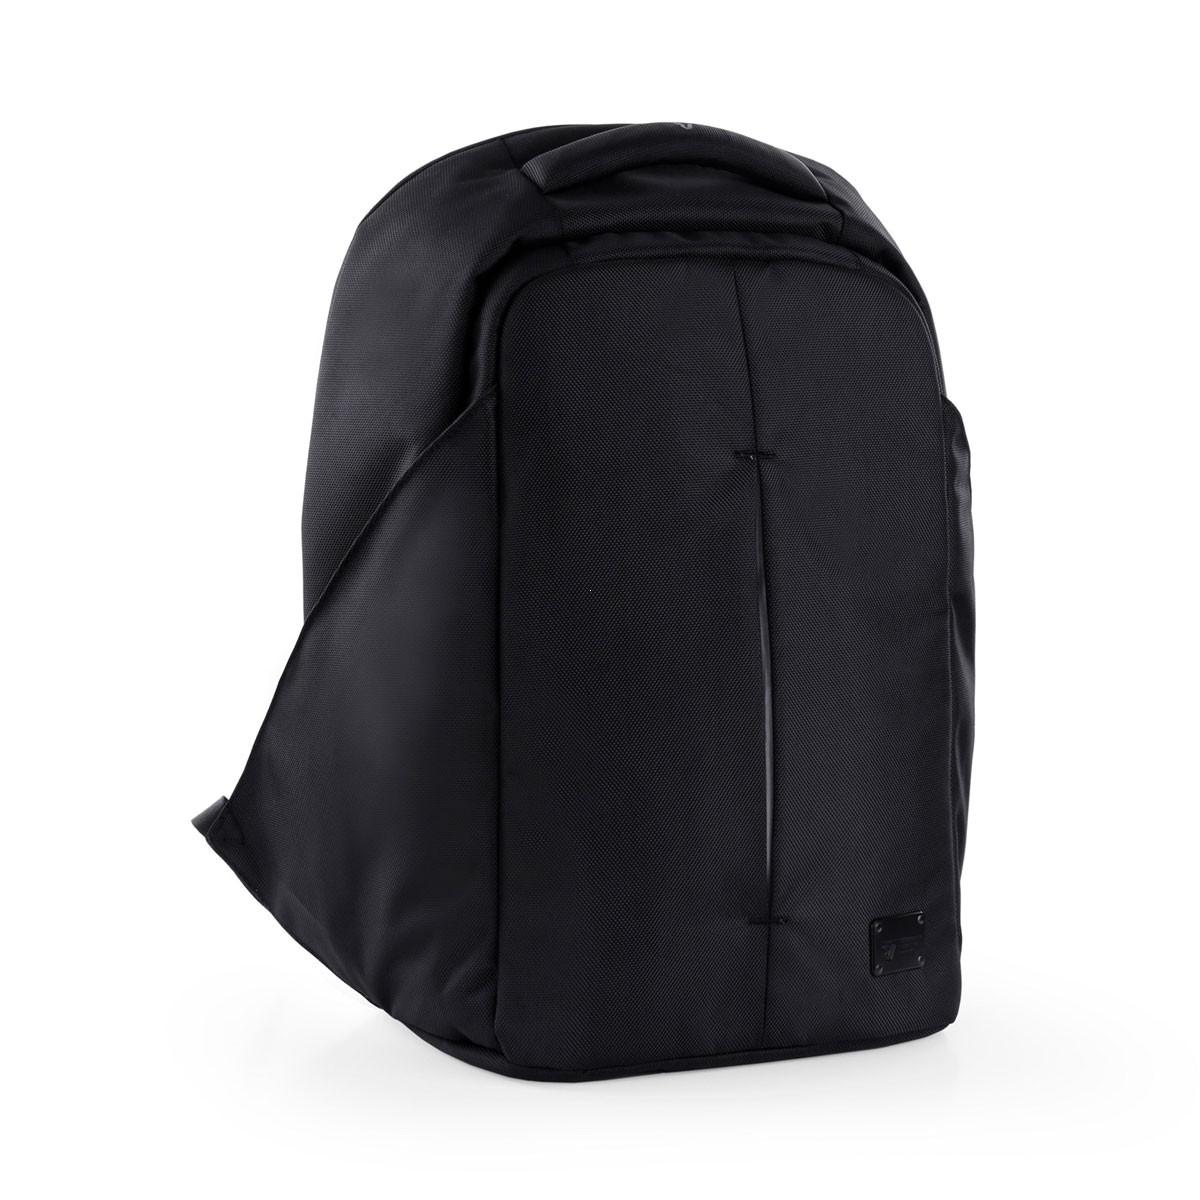 f97408634d463 Roncato Defend Plecak miejski czarny Autoryzowany sklep Roncato